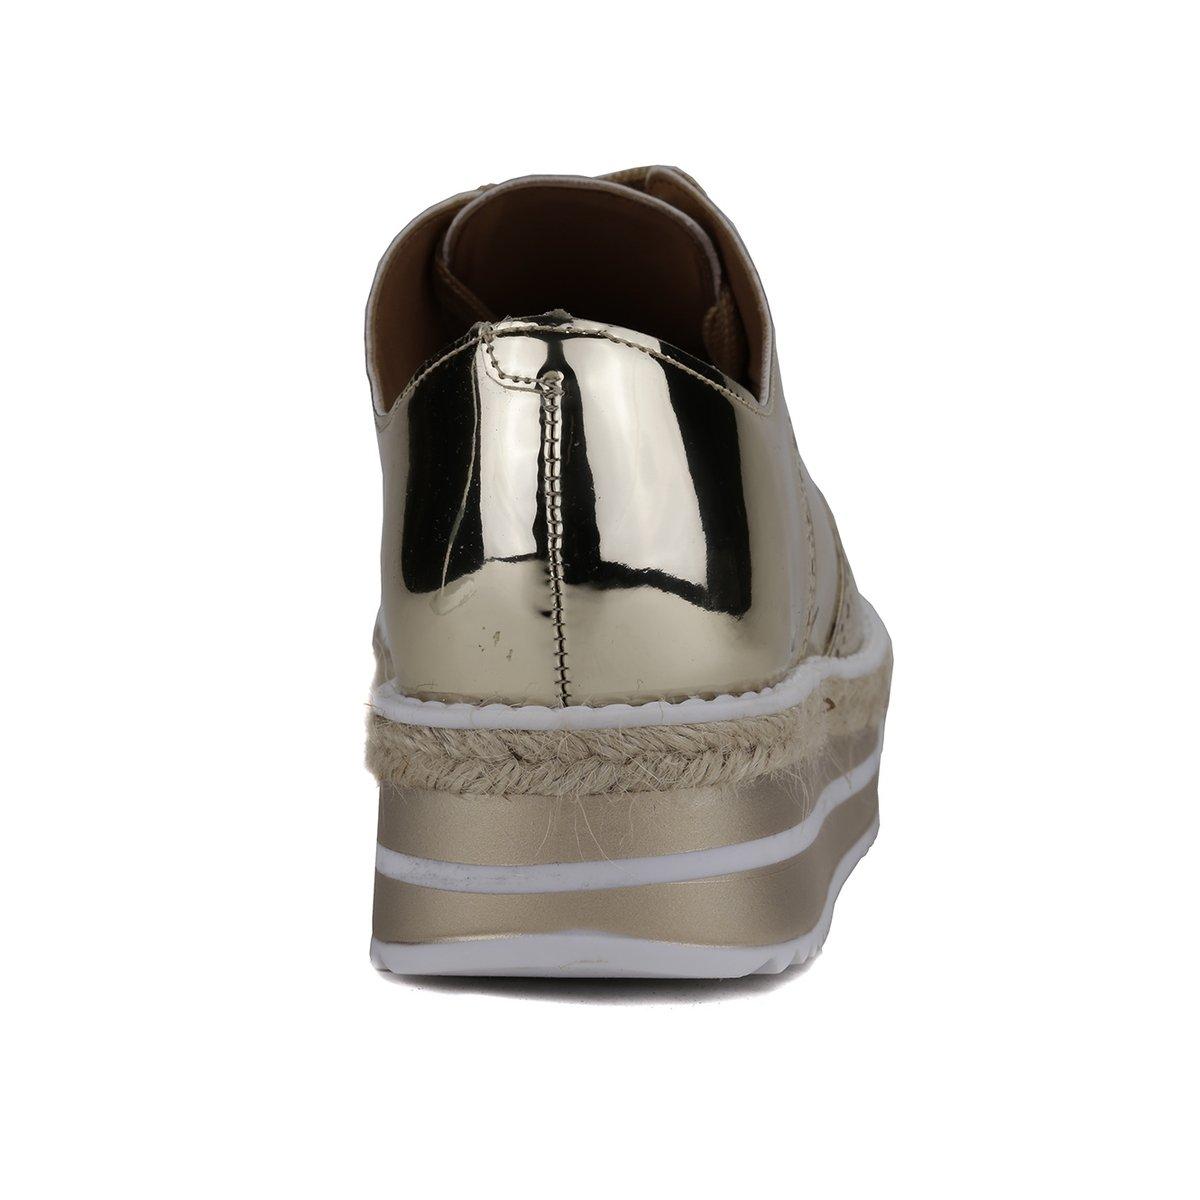 Dourado Dourado Branco Sapato Oxford Branco Dourado Vizzano Sapato Feminino Feminino Dourado Oxford Vizzano EqaR6Sww